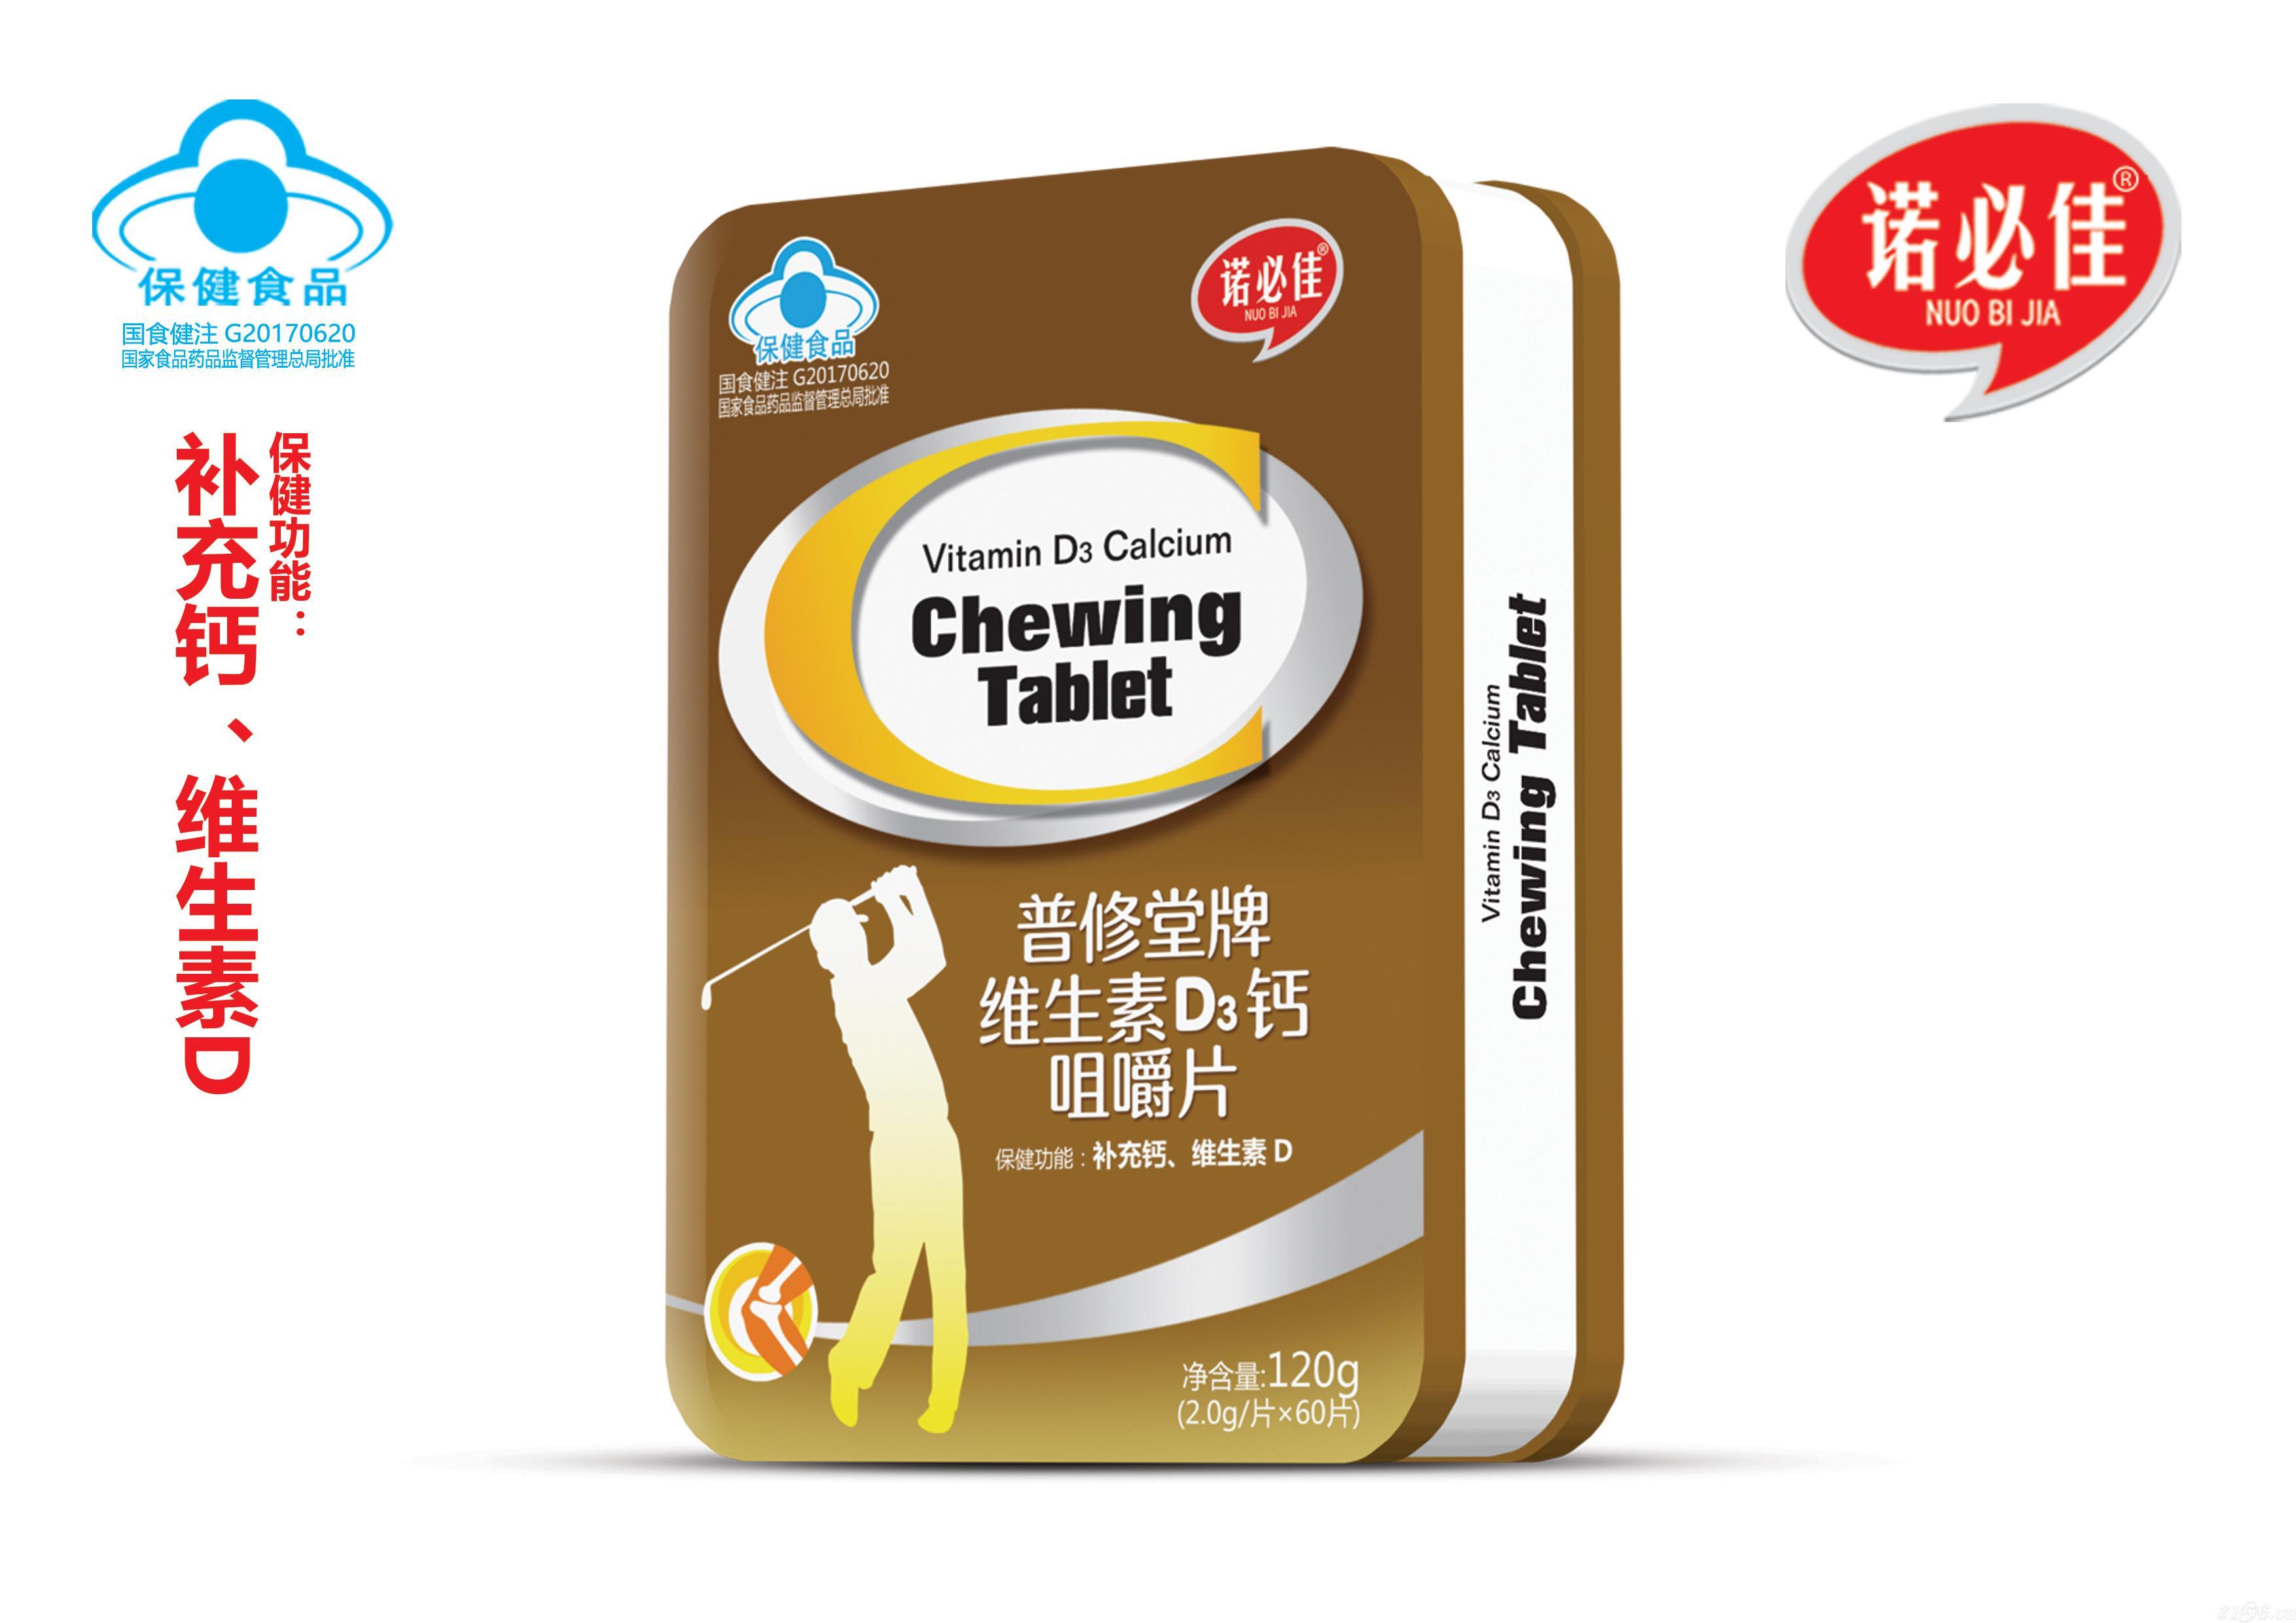 普修堂牌维生素D3钙咀嚼片(铁盒装)